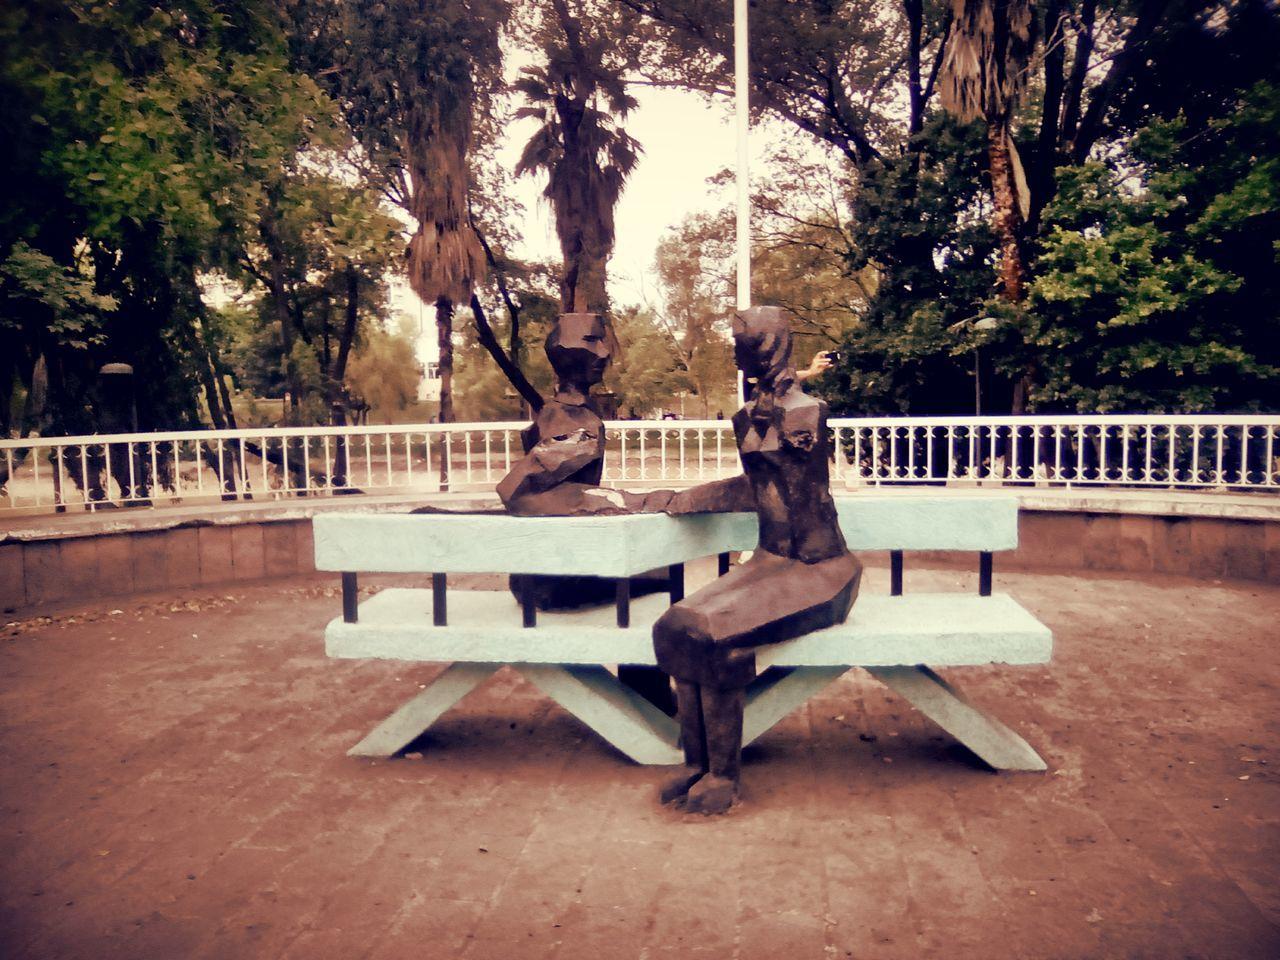 Jamas pense algun dia mirar a un lado y estubieras aqui. Te amo. Love EyeEm Best Shots EyeEm Gallery Photography Garden Parks Rio Seeyou Ifeel Ibeliveinyou